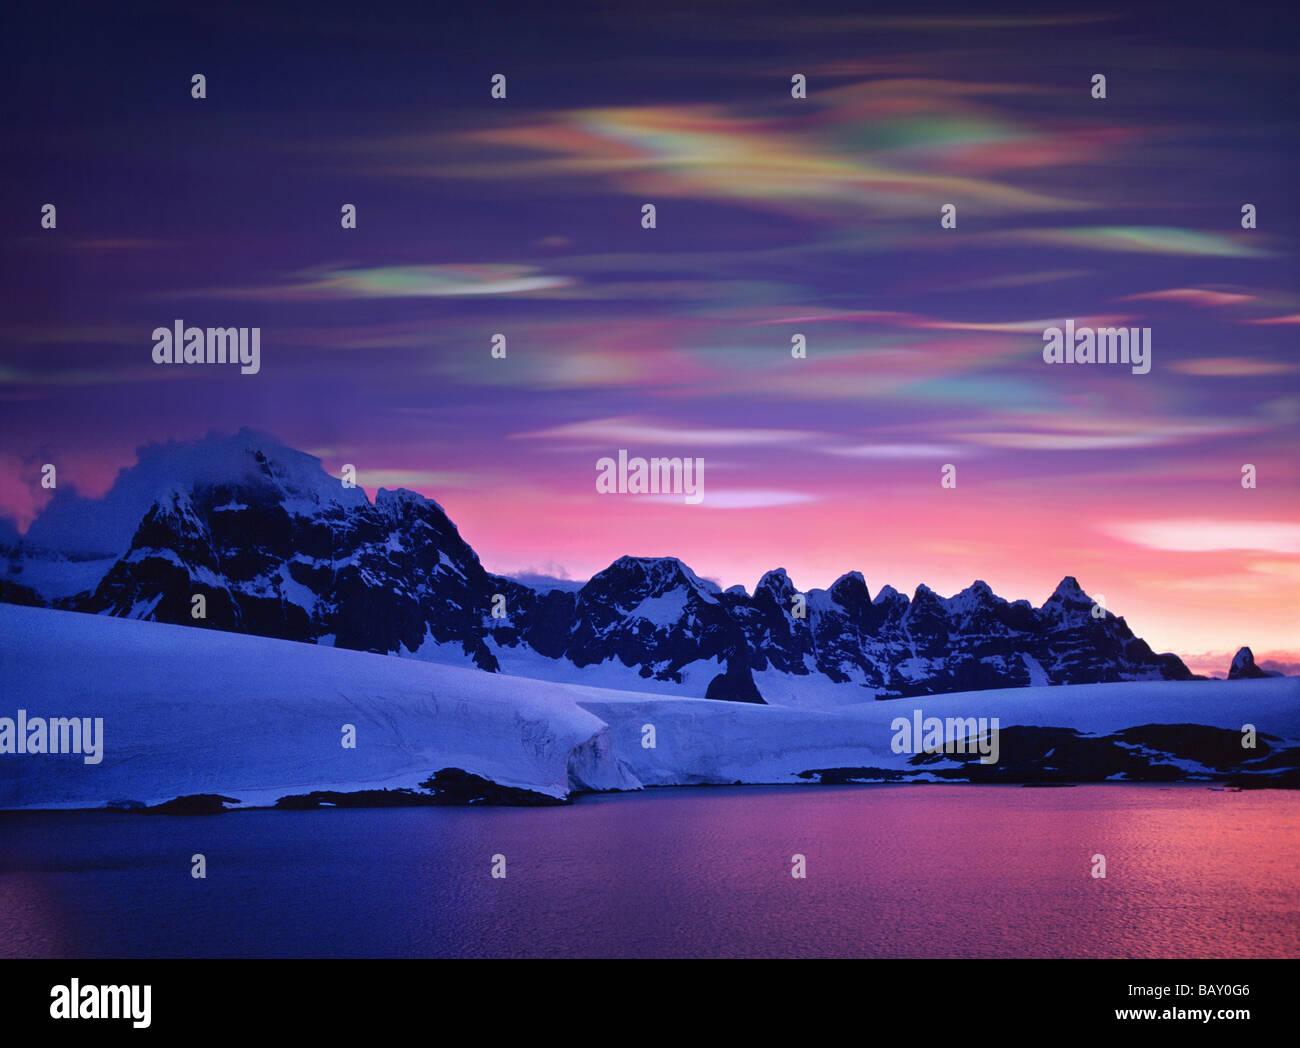 Pearl NUVOLE Nuvole madreperlaceo, nubi stratosferiche polari, queste nubi indicano il riscaldamento globale, Penisola Immagini Stock